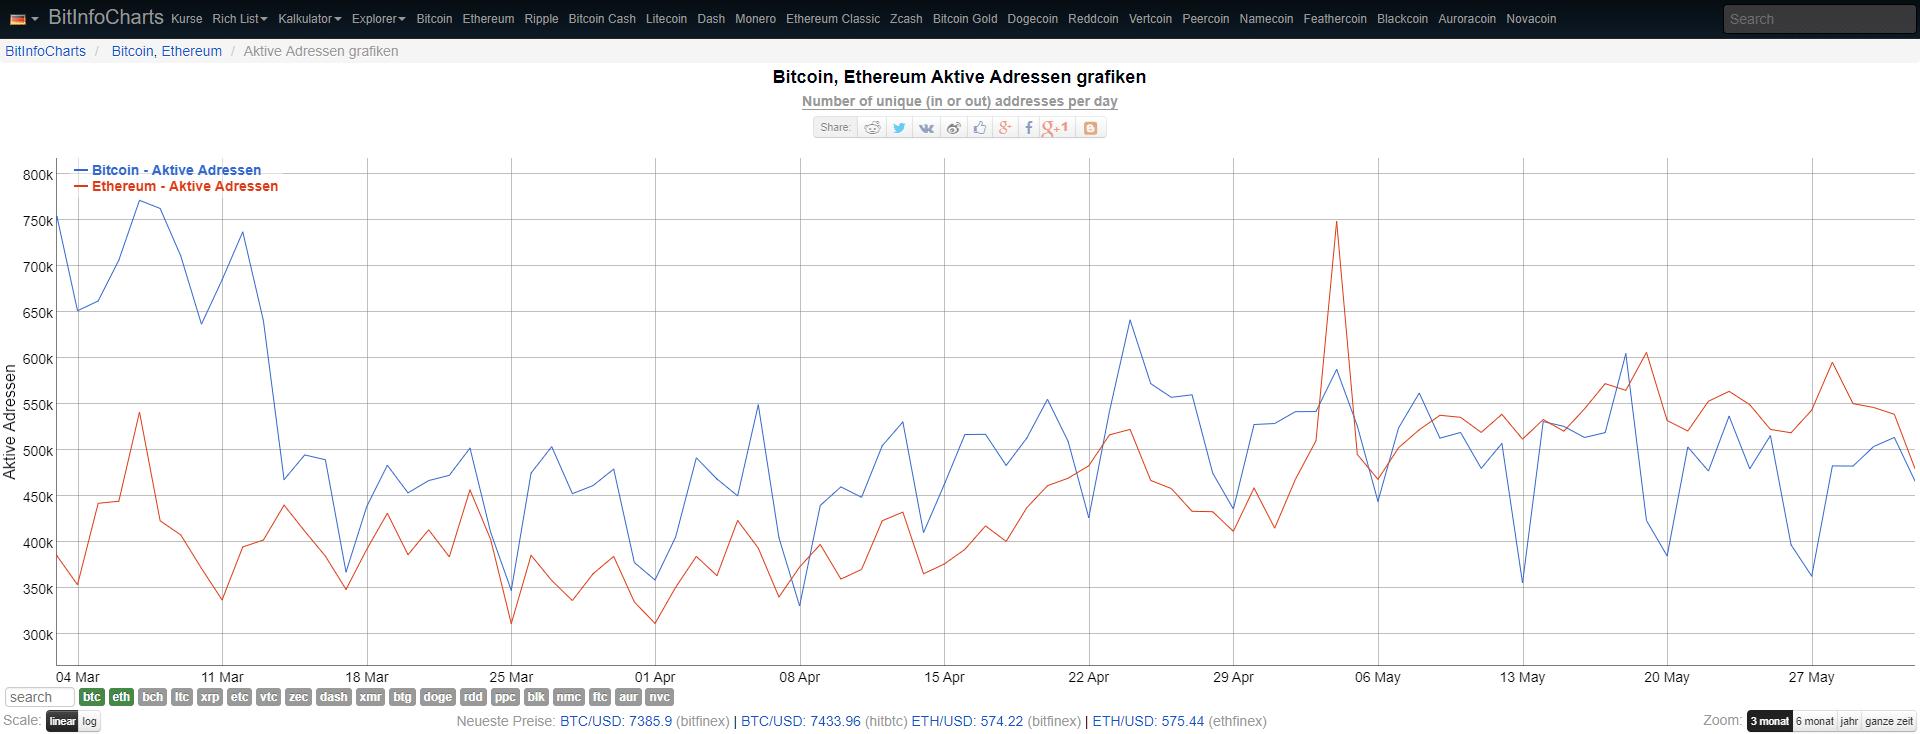 Aktive Bitcoin und Ether-Adressen